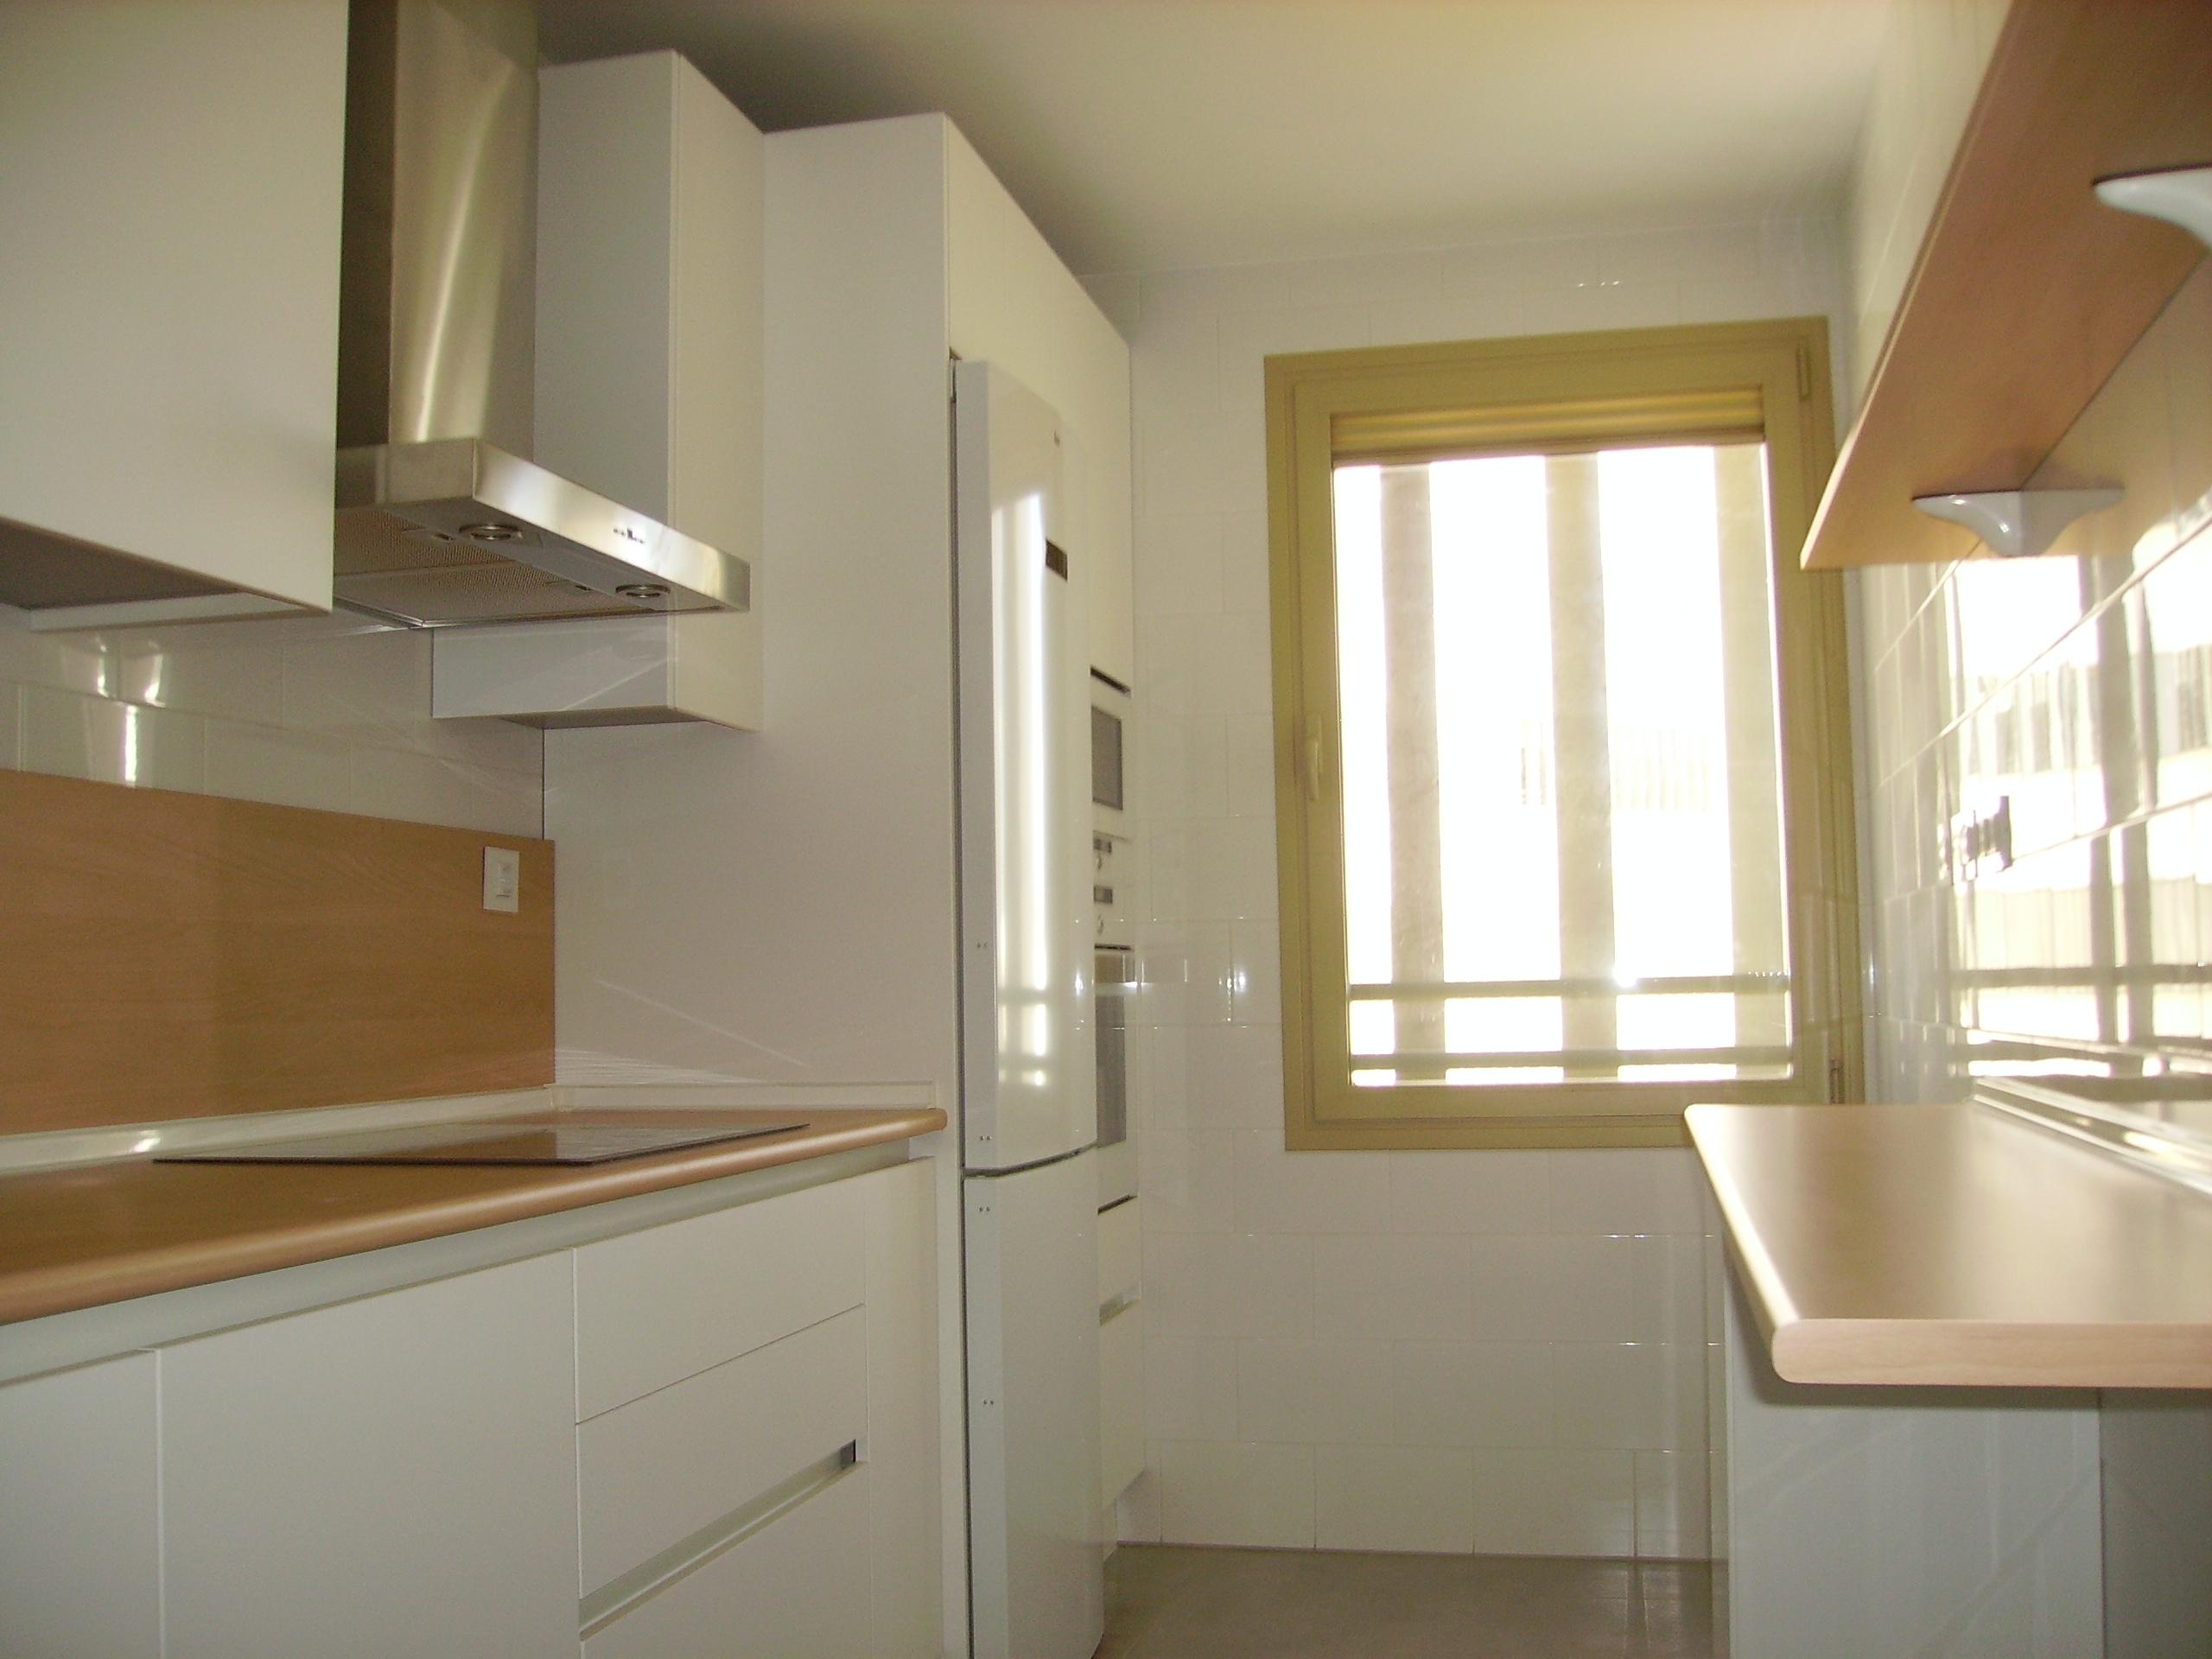 Nueva cocina en el porvenir selecci n cocinas for Formica madera